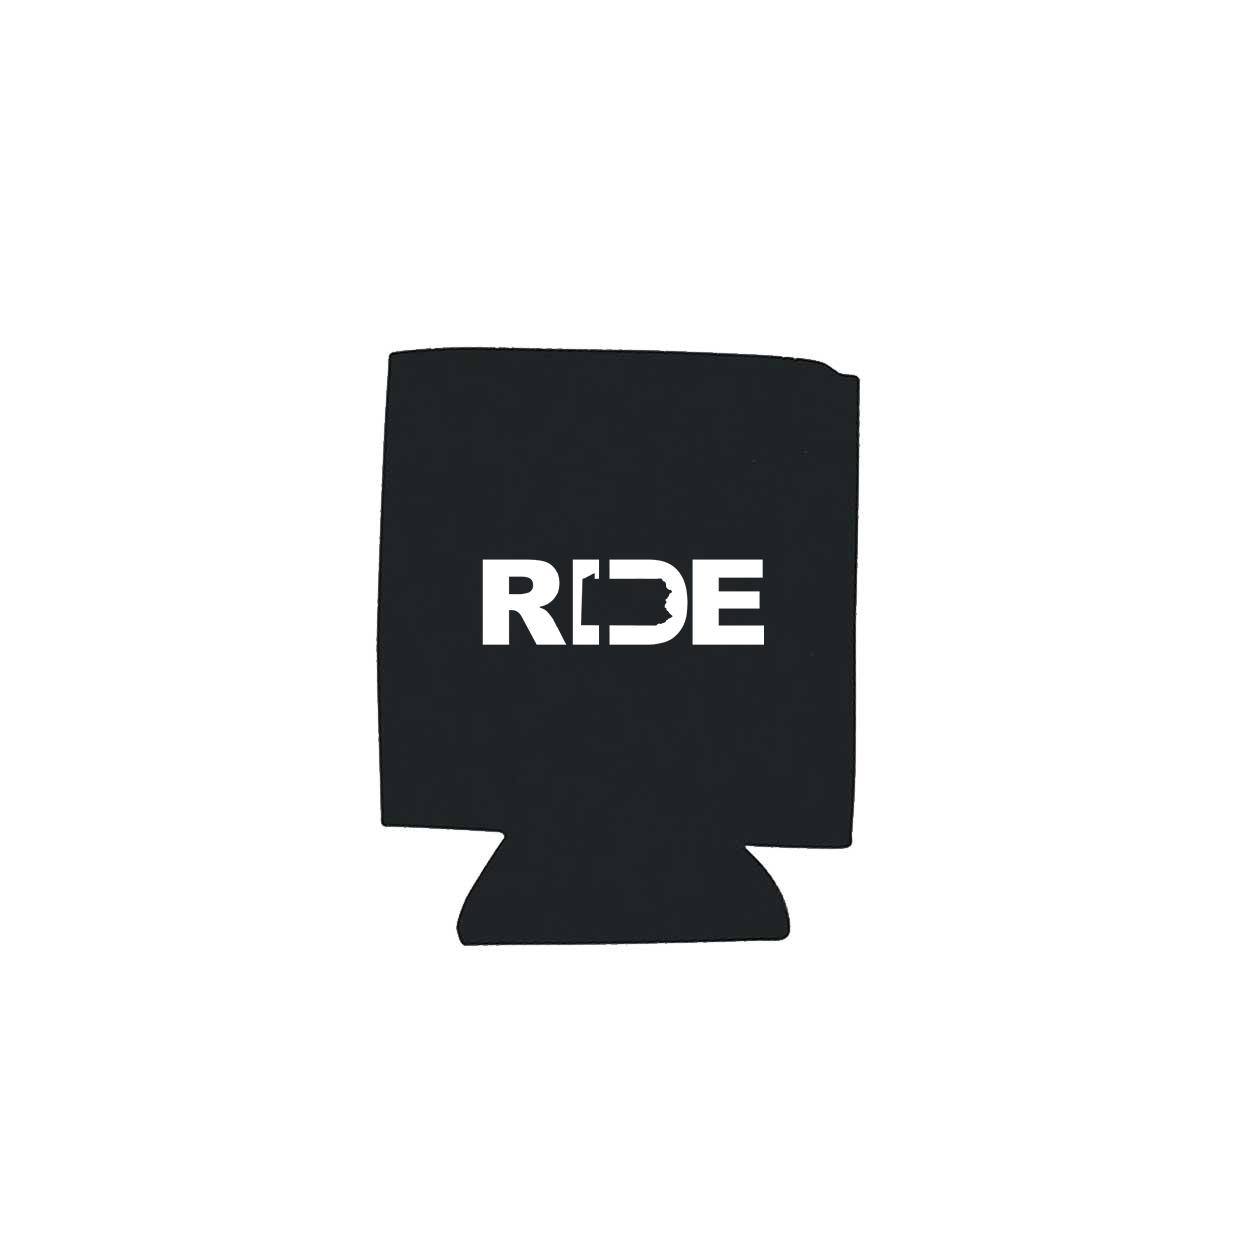 Ride Pennsylvania Koozie Black (White Logo)